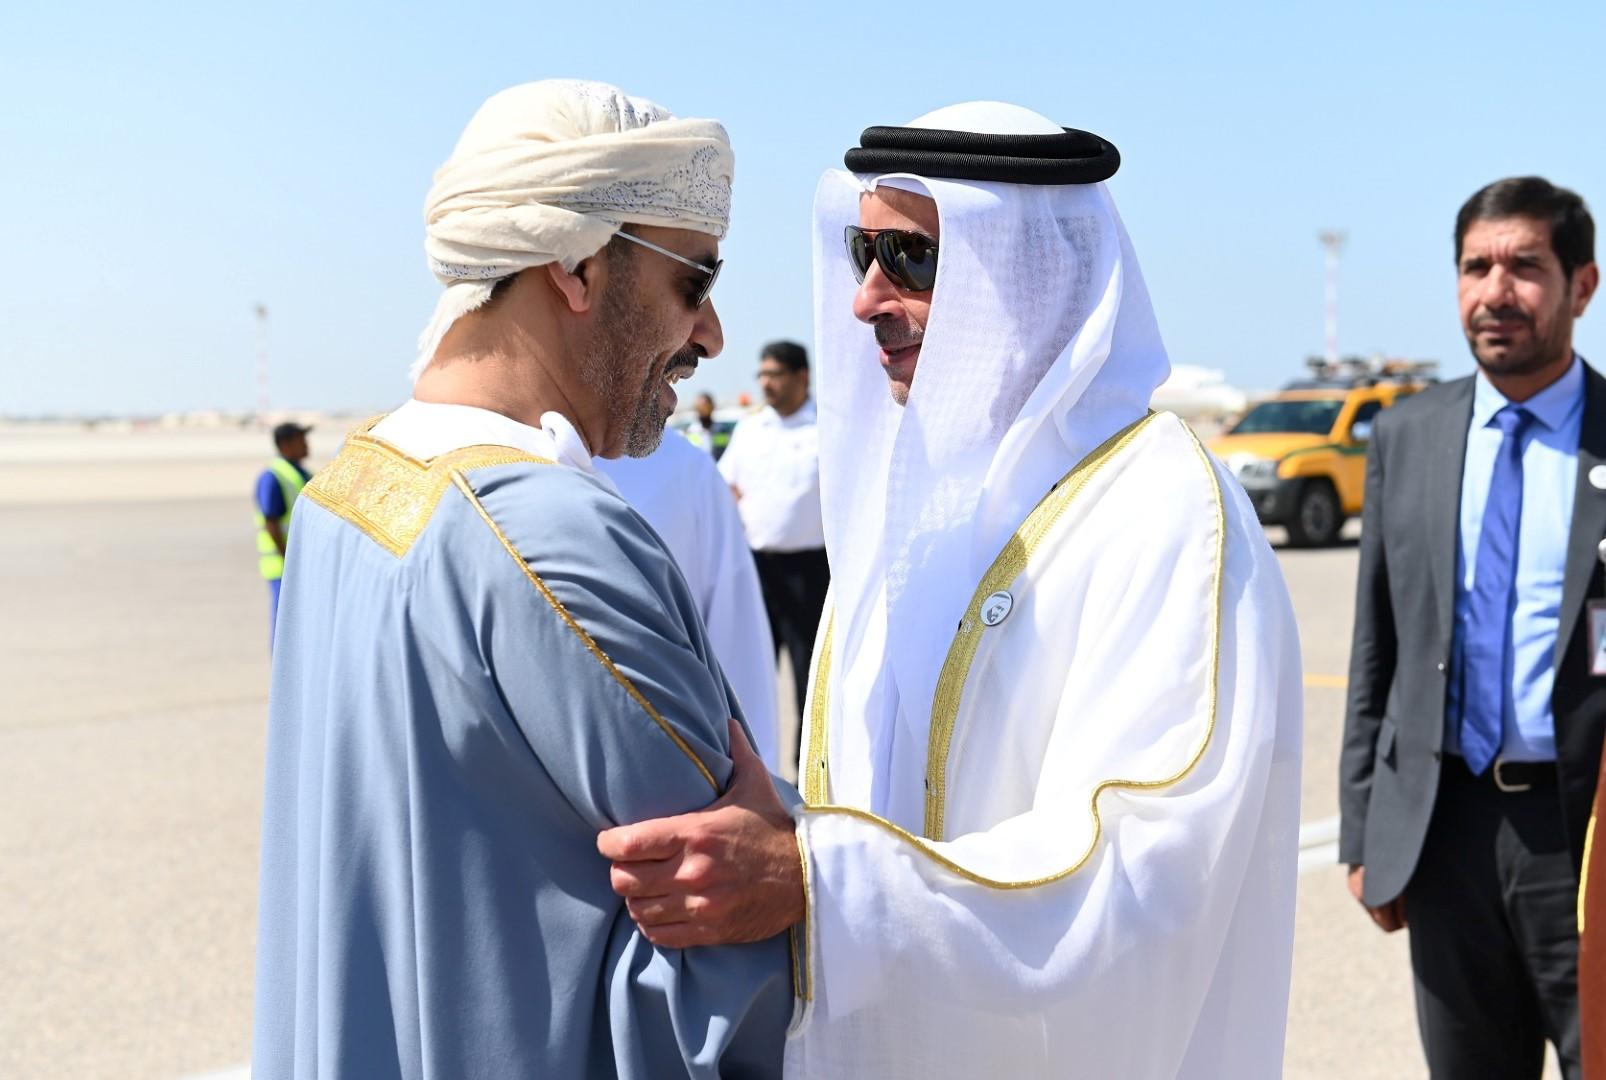 """سيف بن زايد يرأس وفد الدولة لاجتماع وزراء داخلية """" التعاون """" في مسقط"""